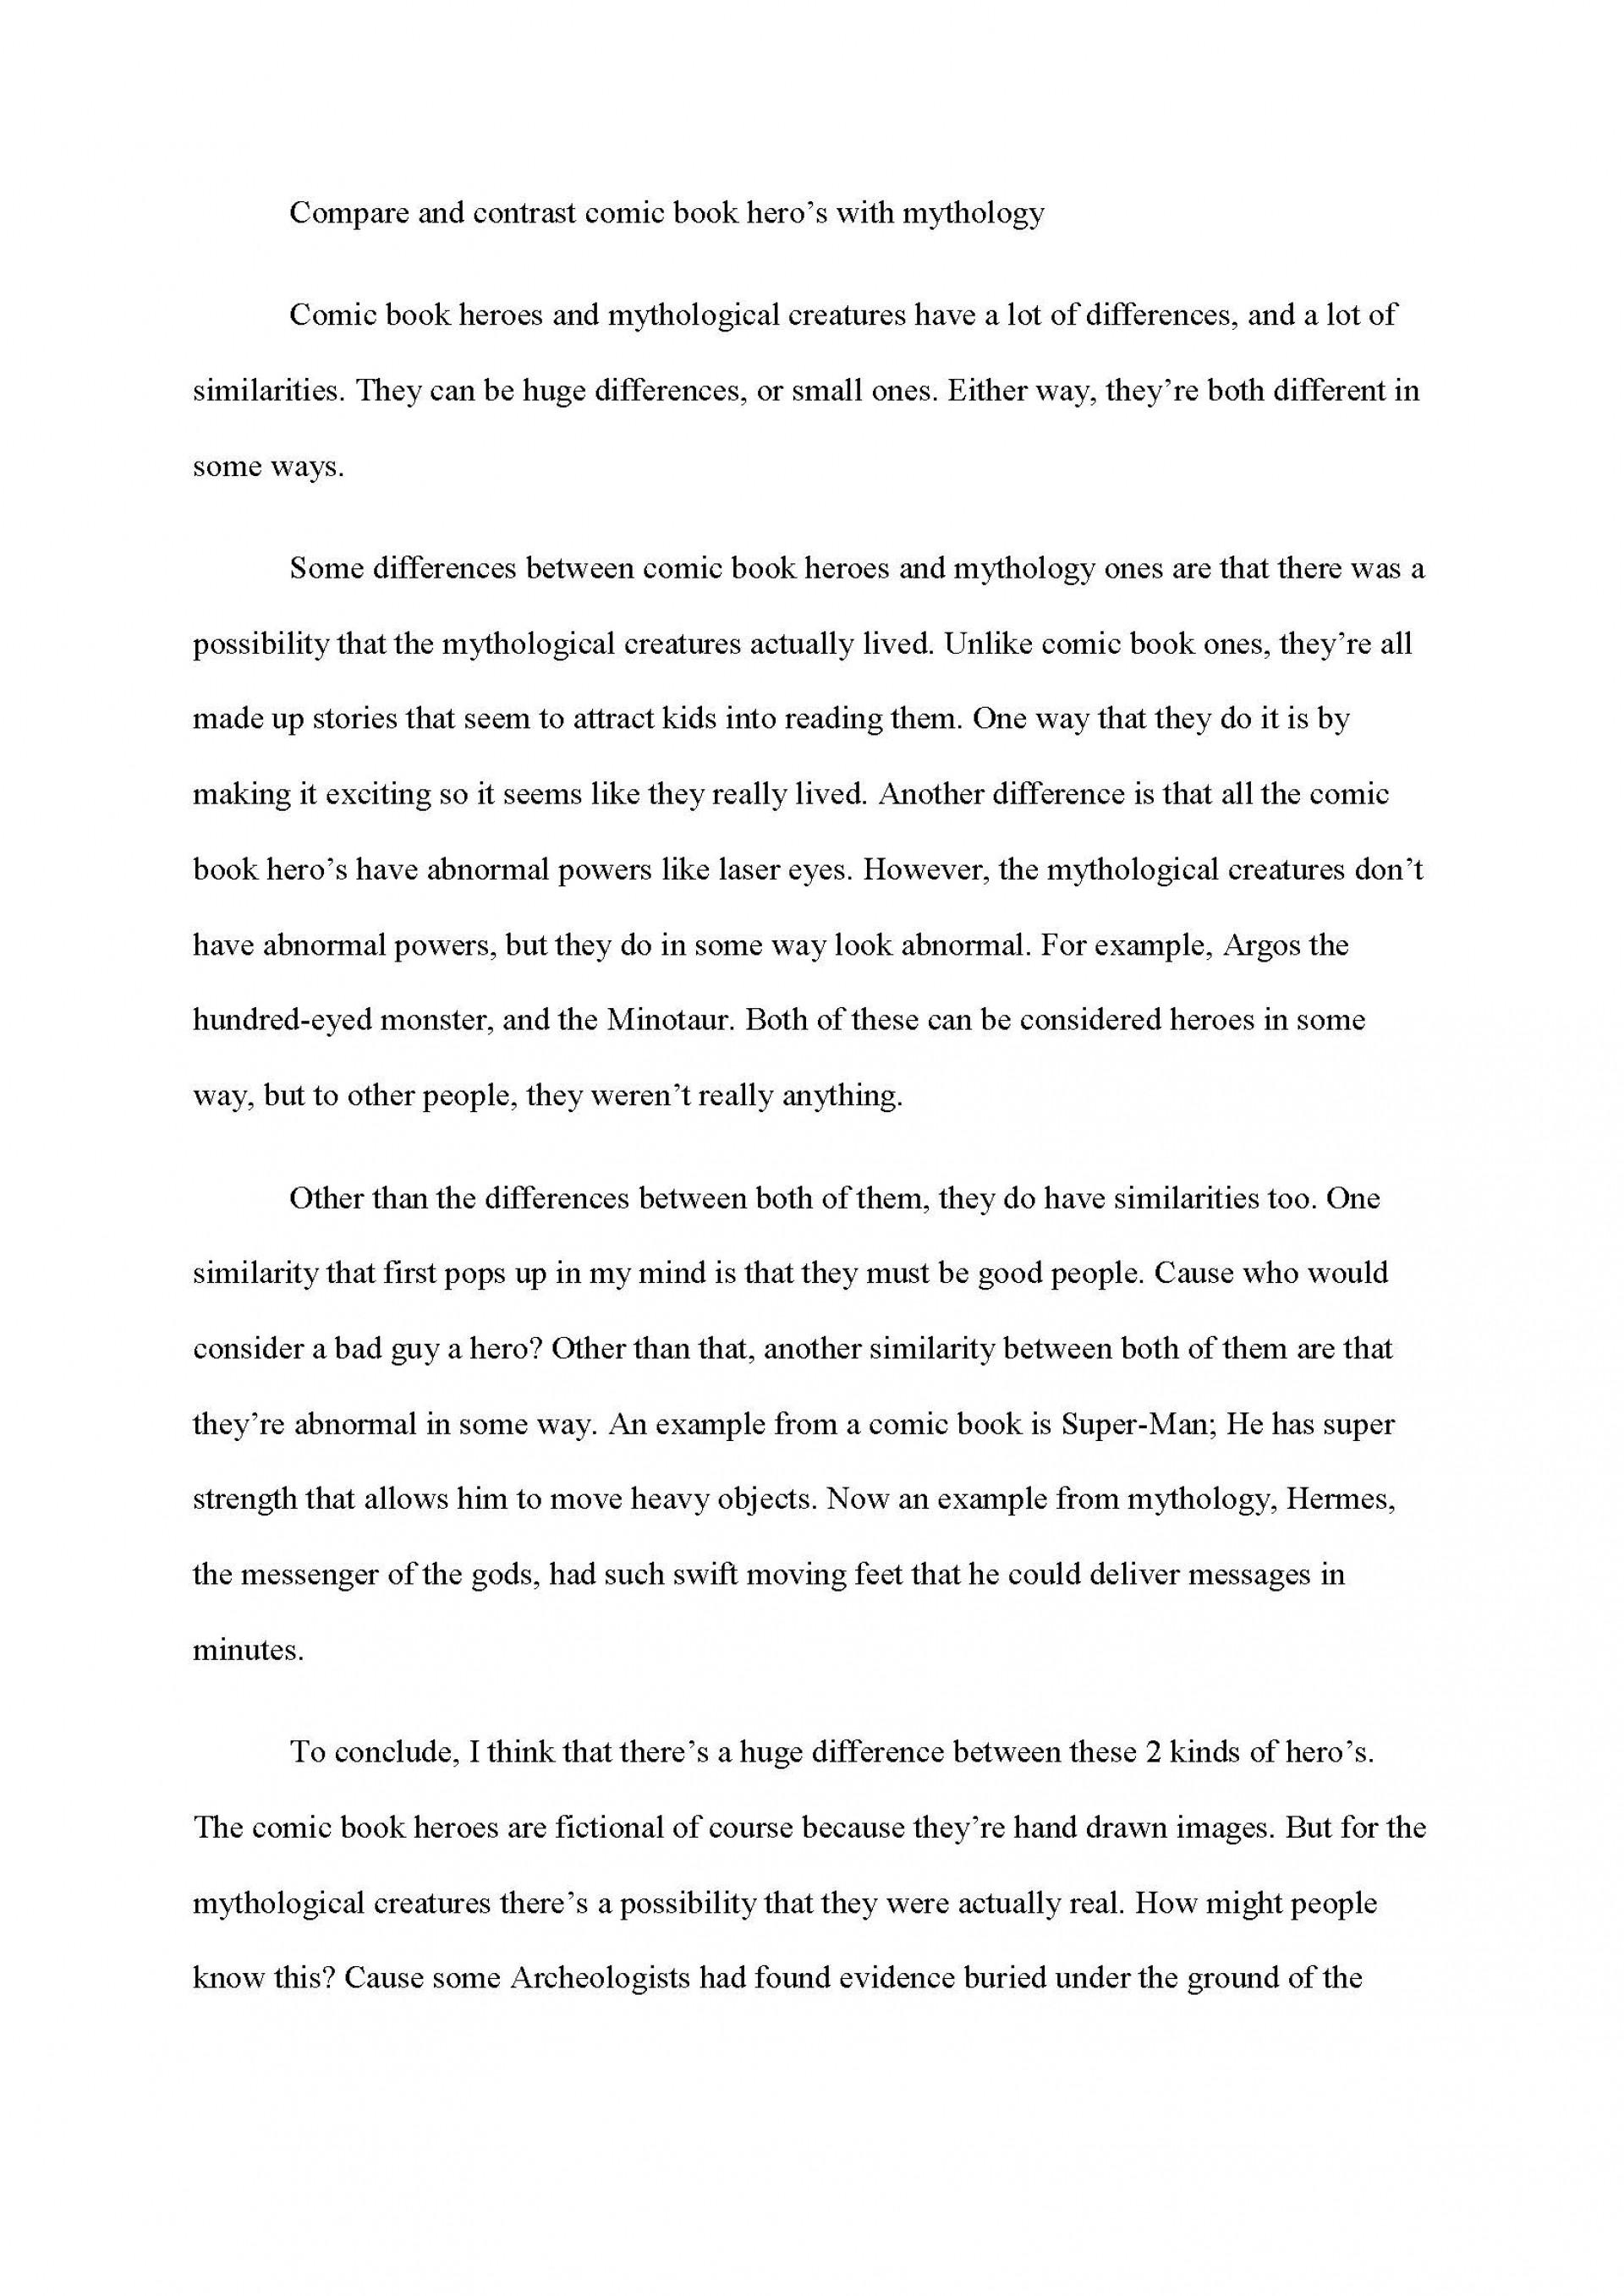 001 Compare And Contrast Essay Samples Unusual Examples High School Vs College Comparison Pdf Topics 6th Grade 1920